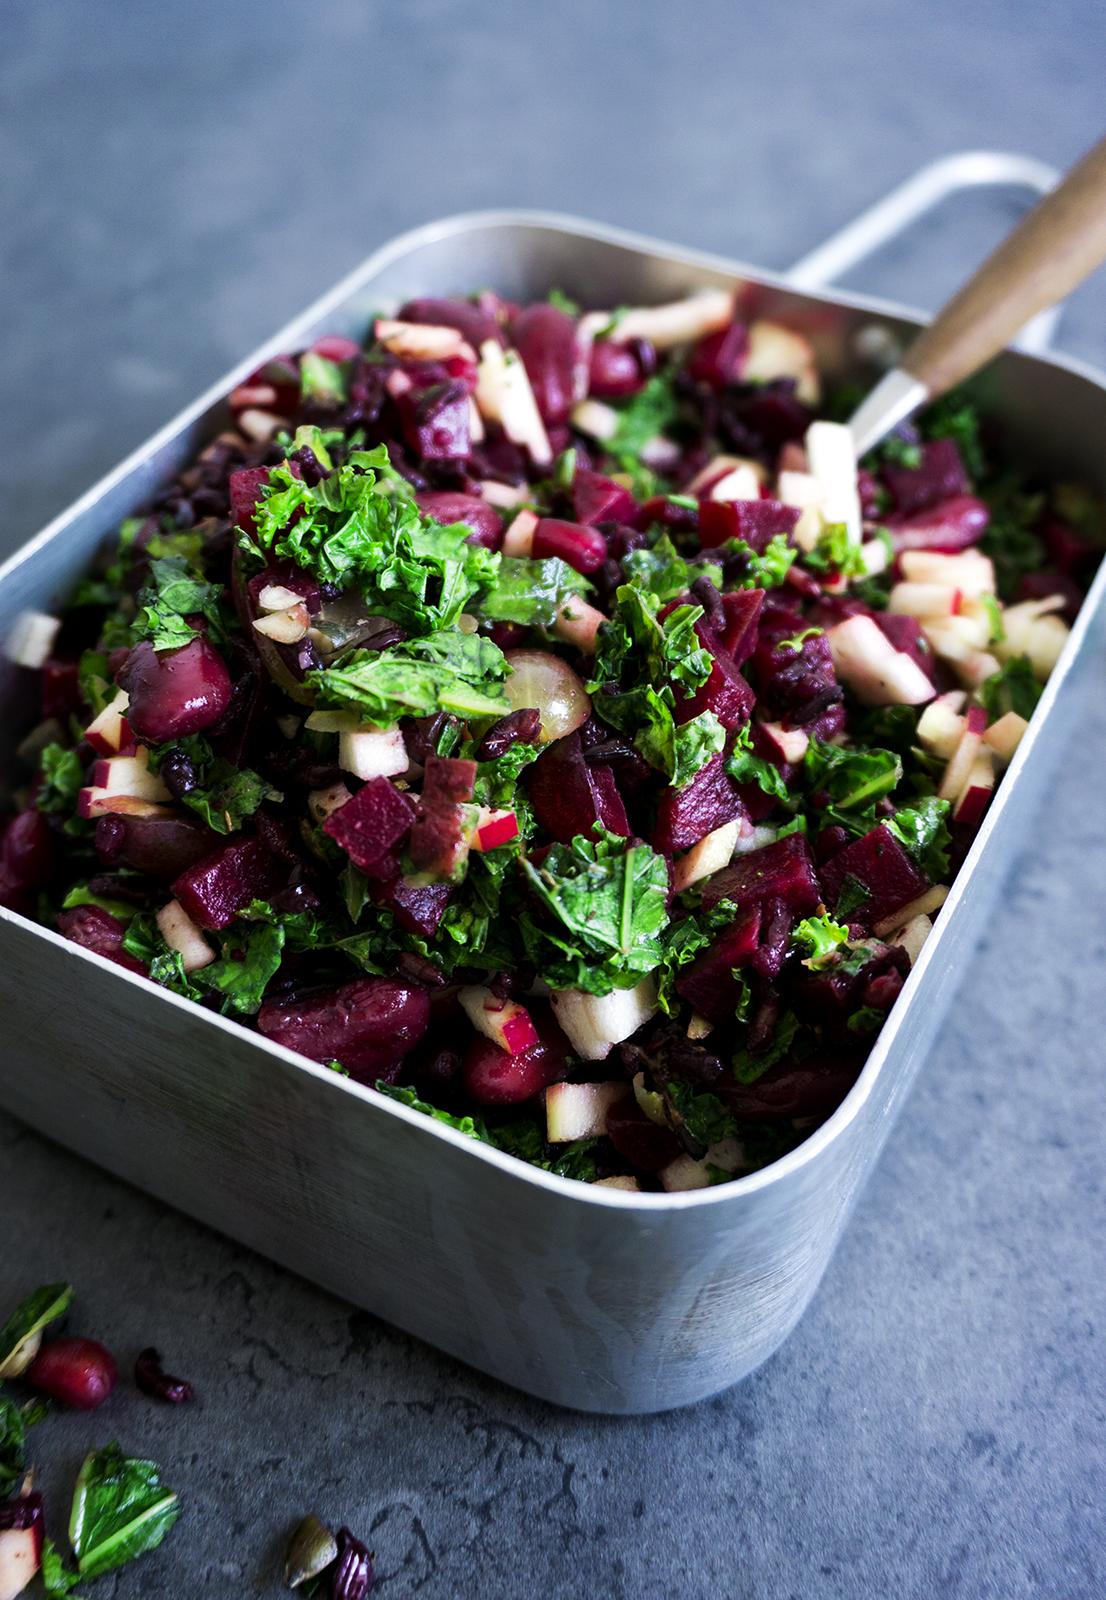 herfstsalade-rode-biet-boerenkool-vegan-whole-foods-olievrij-suikervrij.jpg